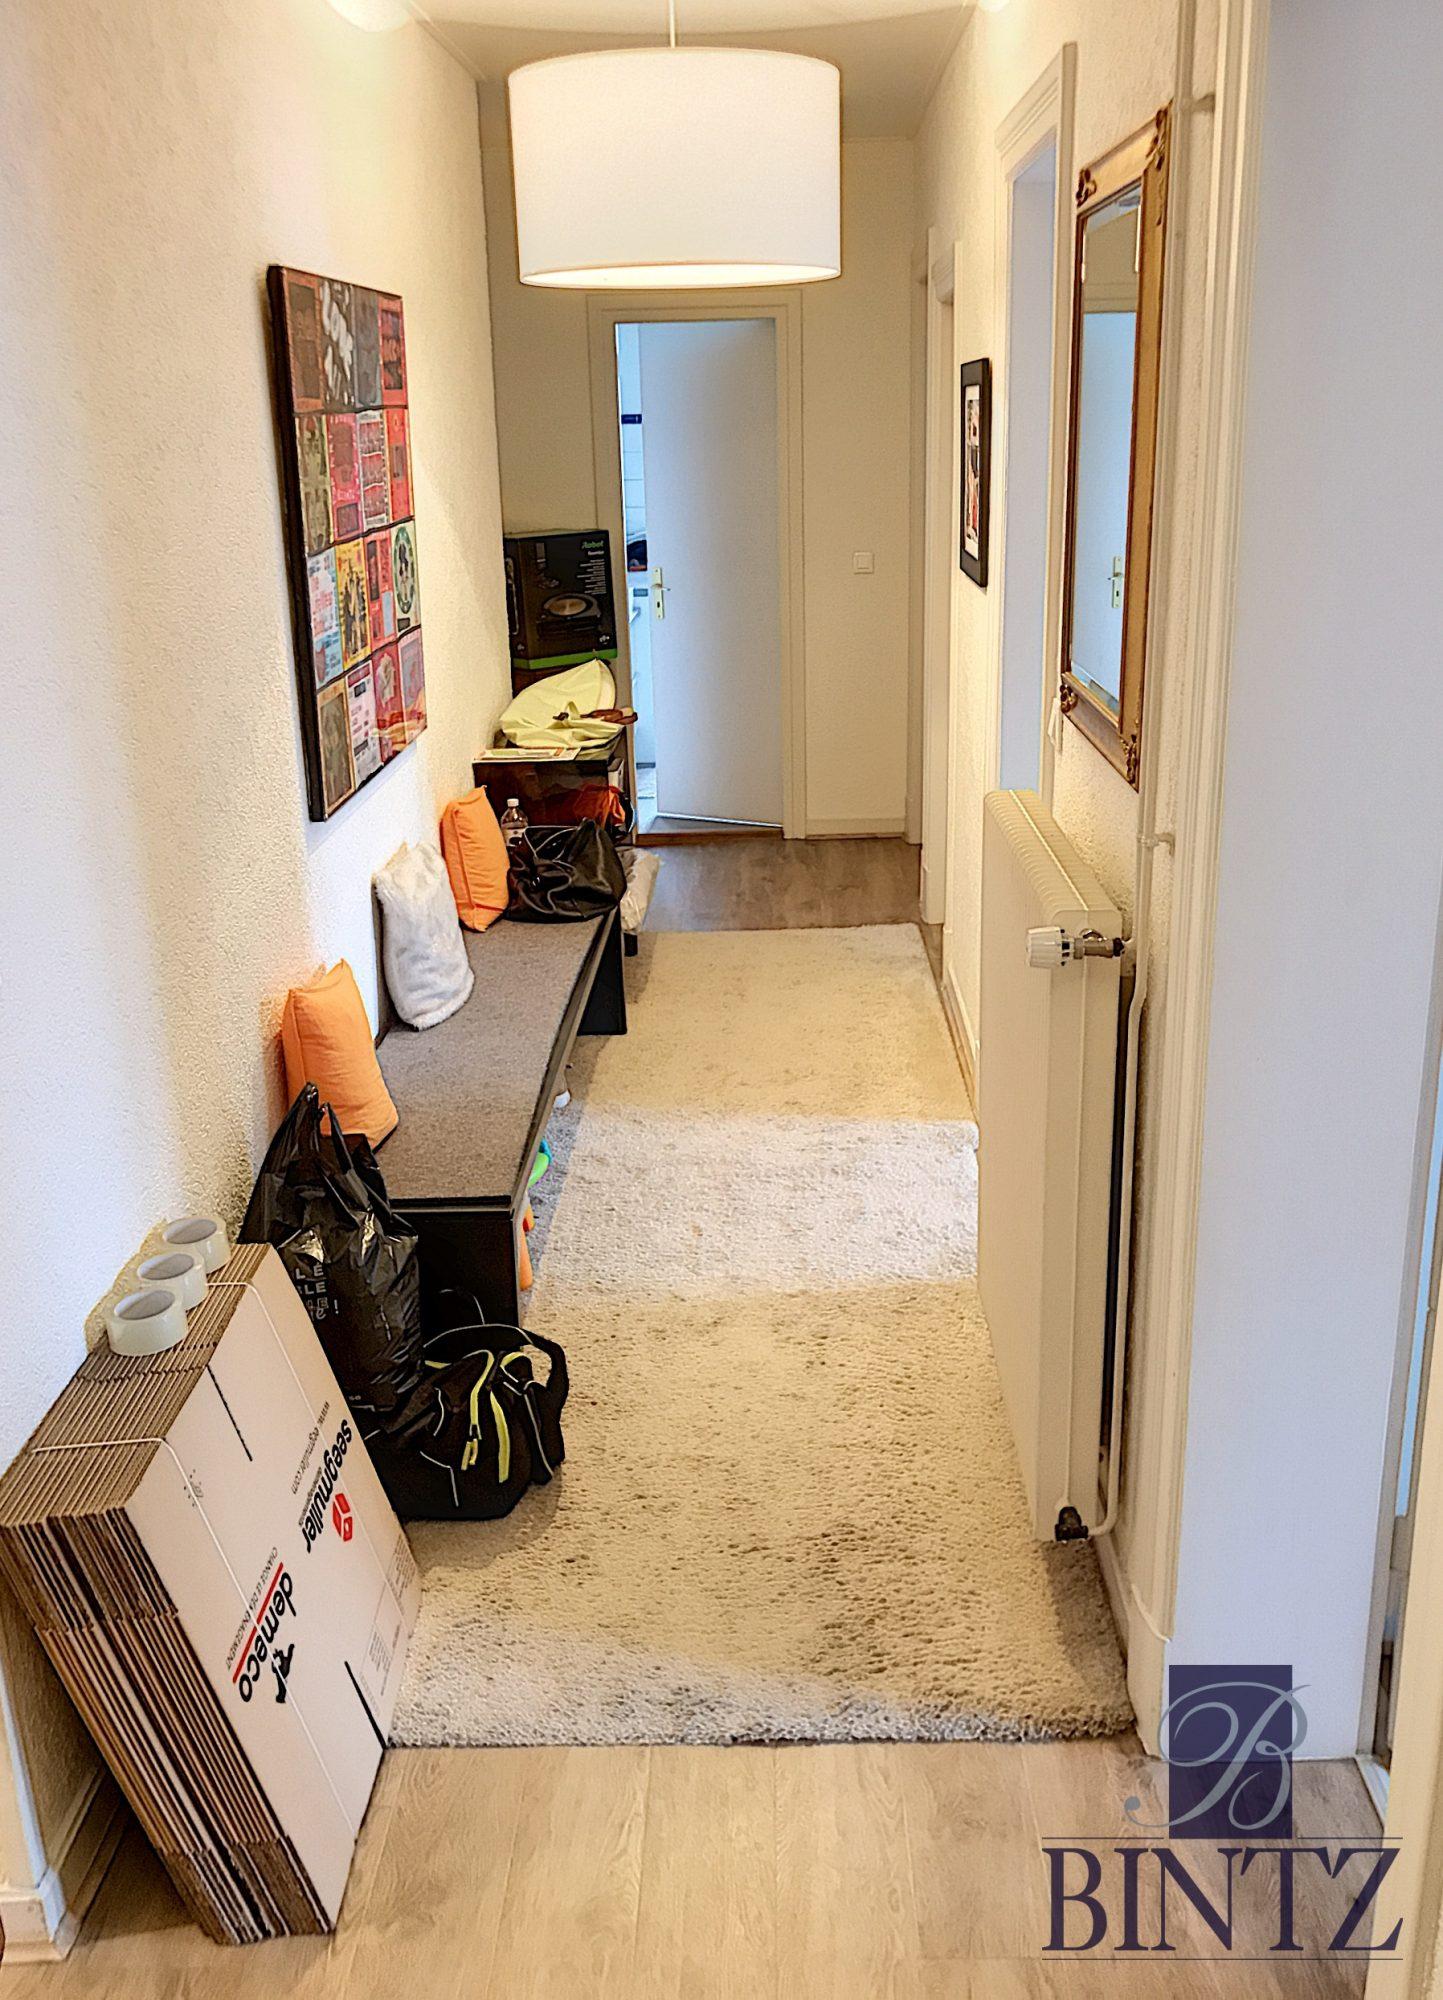 Très beau 8 pièces à l'Orangerie - Devenez locataire en toute sérénité - Bintz Immobilier - 4